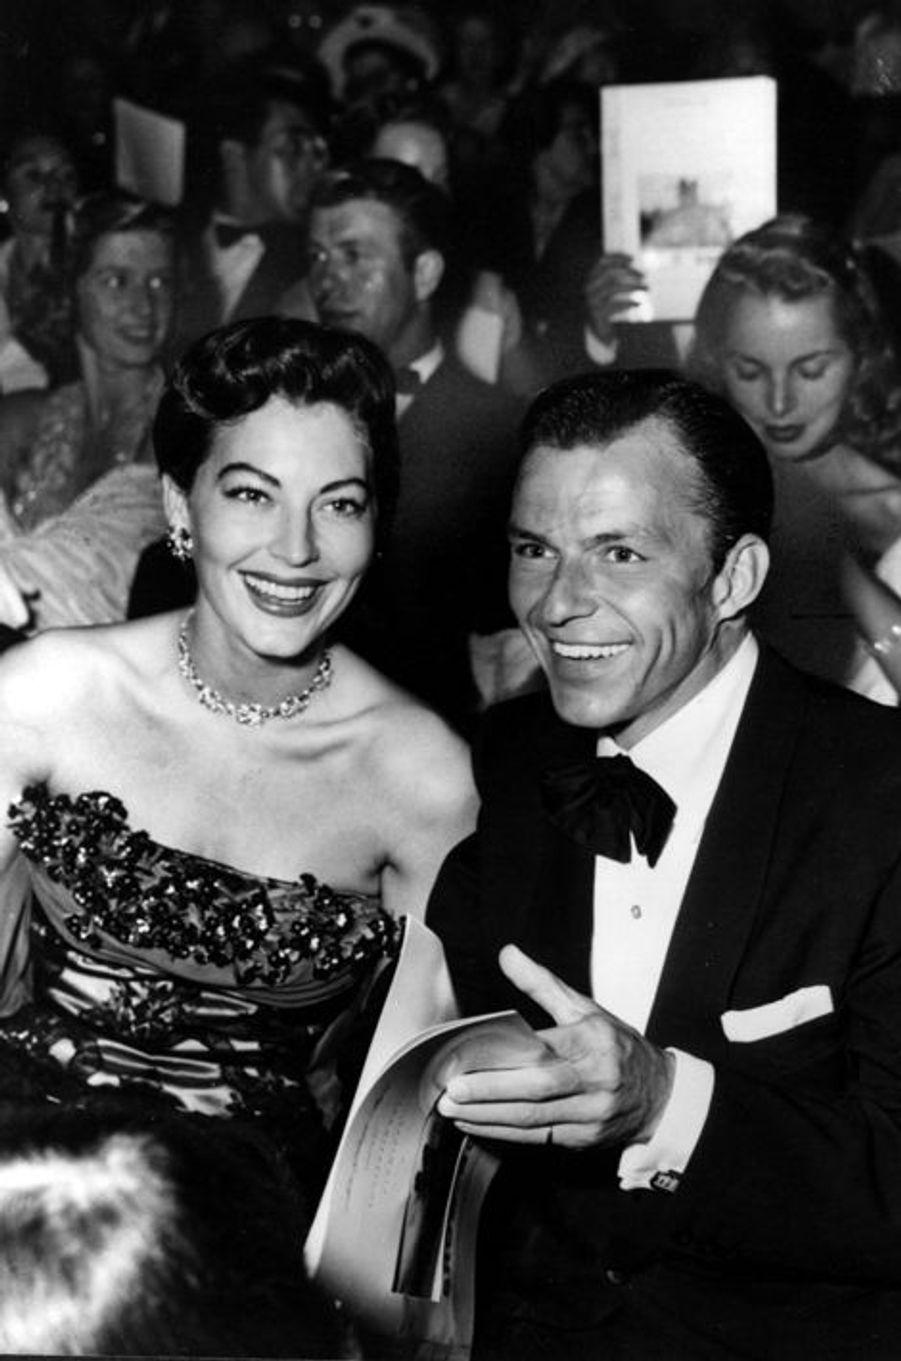 Les deux icônes tombent amoureuses à la fin des années quarante mais il faudra attendre le divorce de Frank Sinatra de sa première femme Nancy pour que le couple s'unisse en novembre 1951. Mais après un mariage rythmé par les disputes, crises de jalousies et pauses adultères, le couple se sépare en 1957, les deux ex-amants restant malgré tout amis.